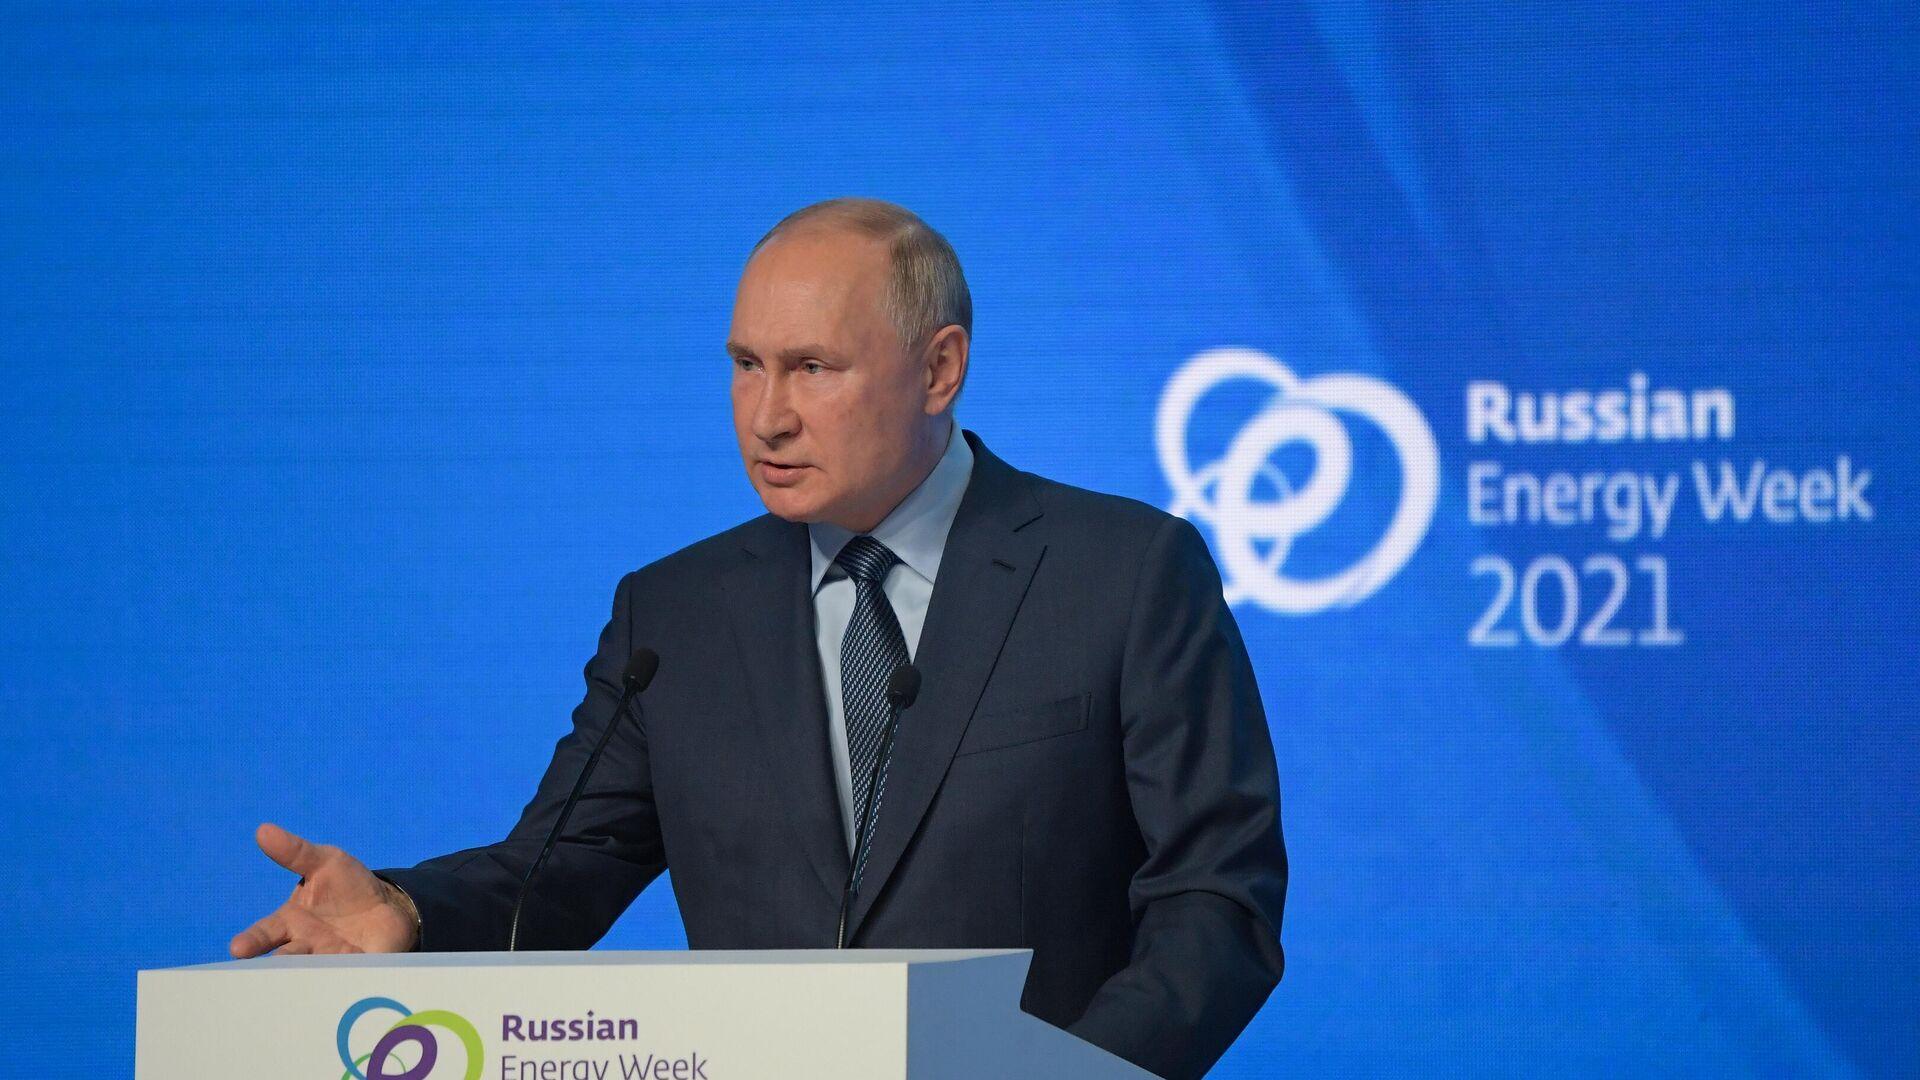 Президент РФ В. Путин принял участие в пленарном заседании форума Российская энергетическая неделя - Sputnik Абхазия, 1920, 14.10.2021